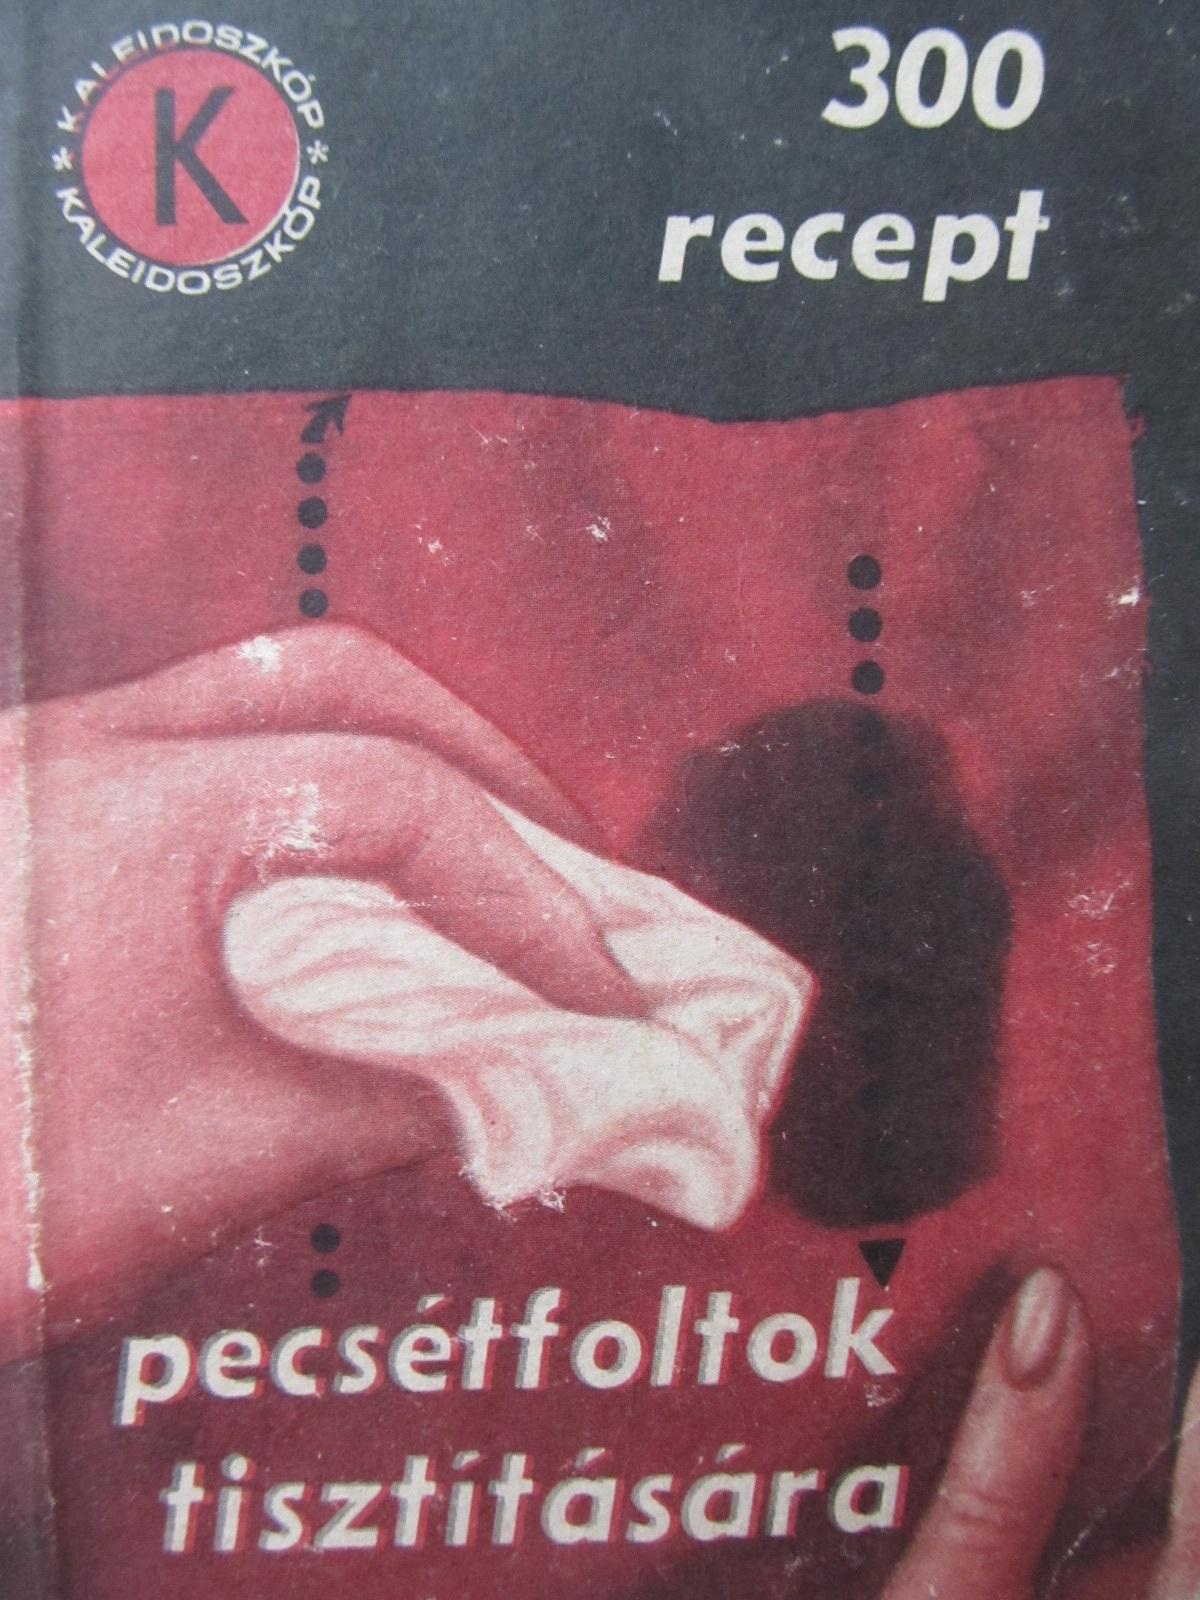 Carte 300 recept pecsetfoltok tisztitasara (1) - I. T. Predescu